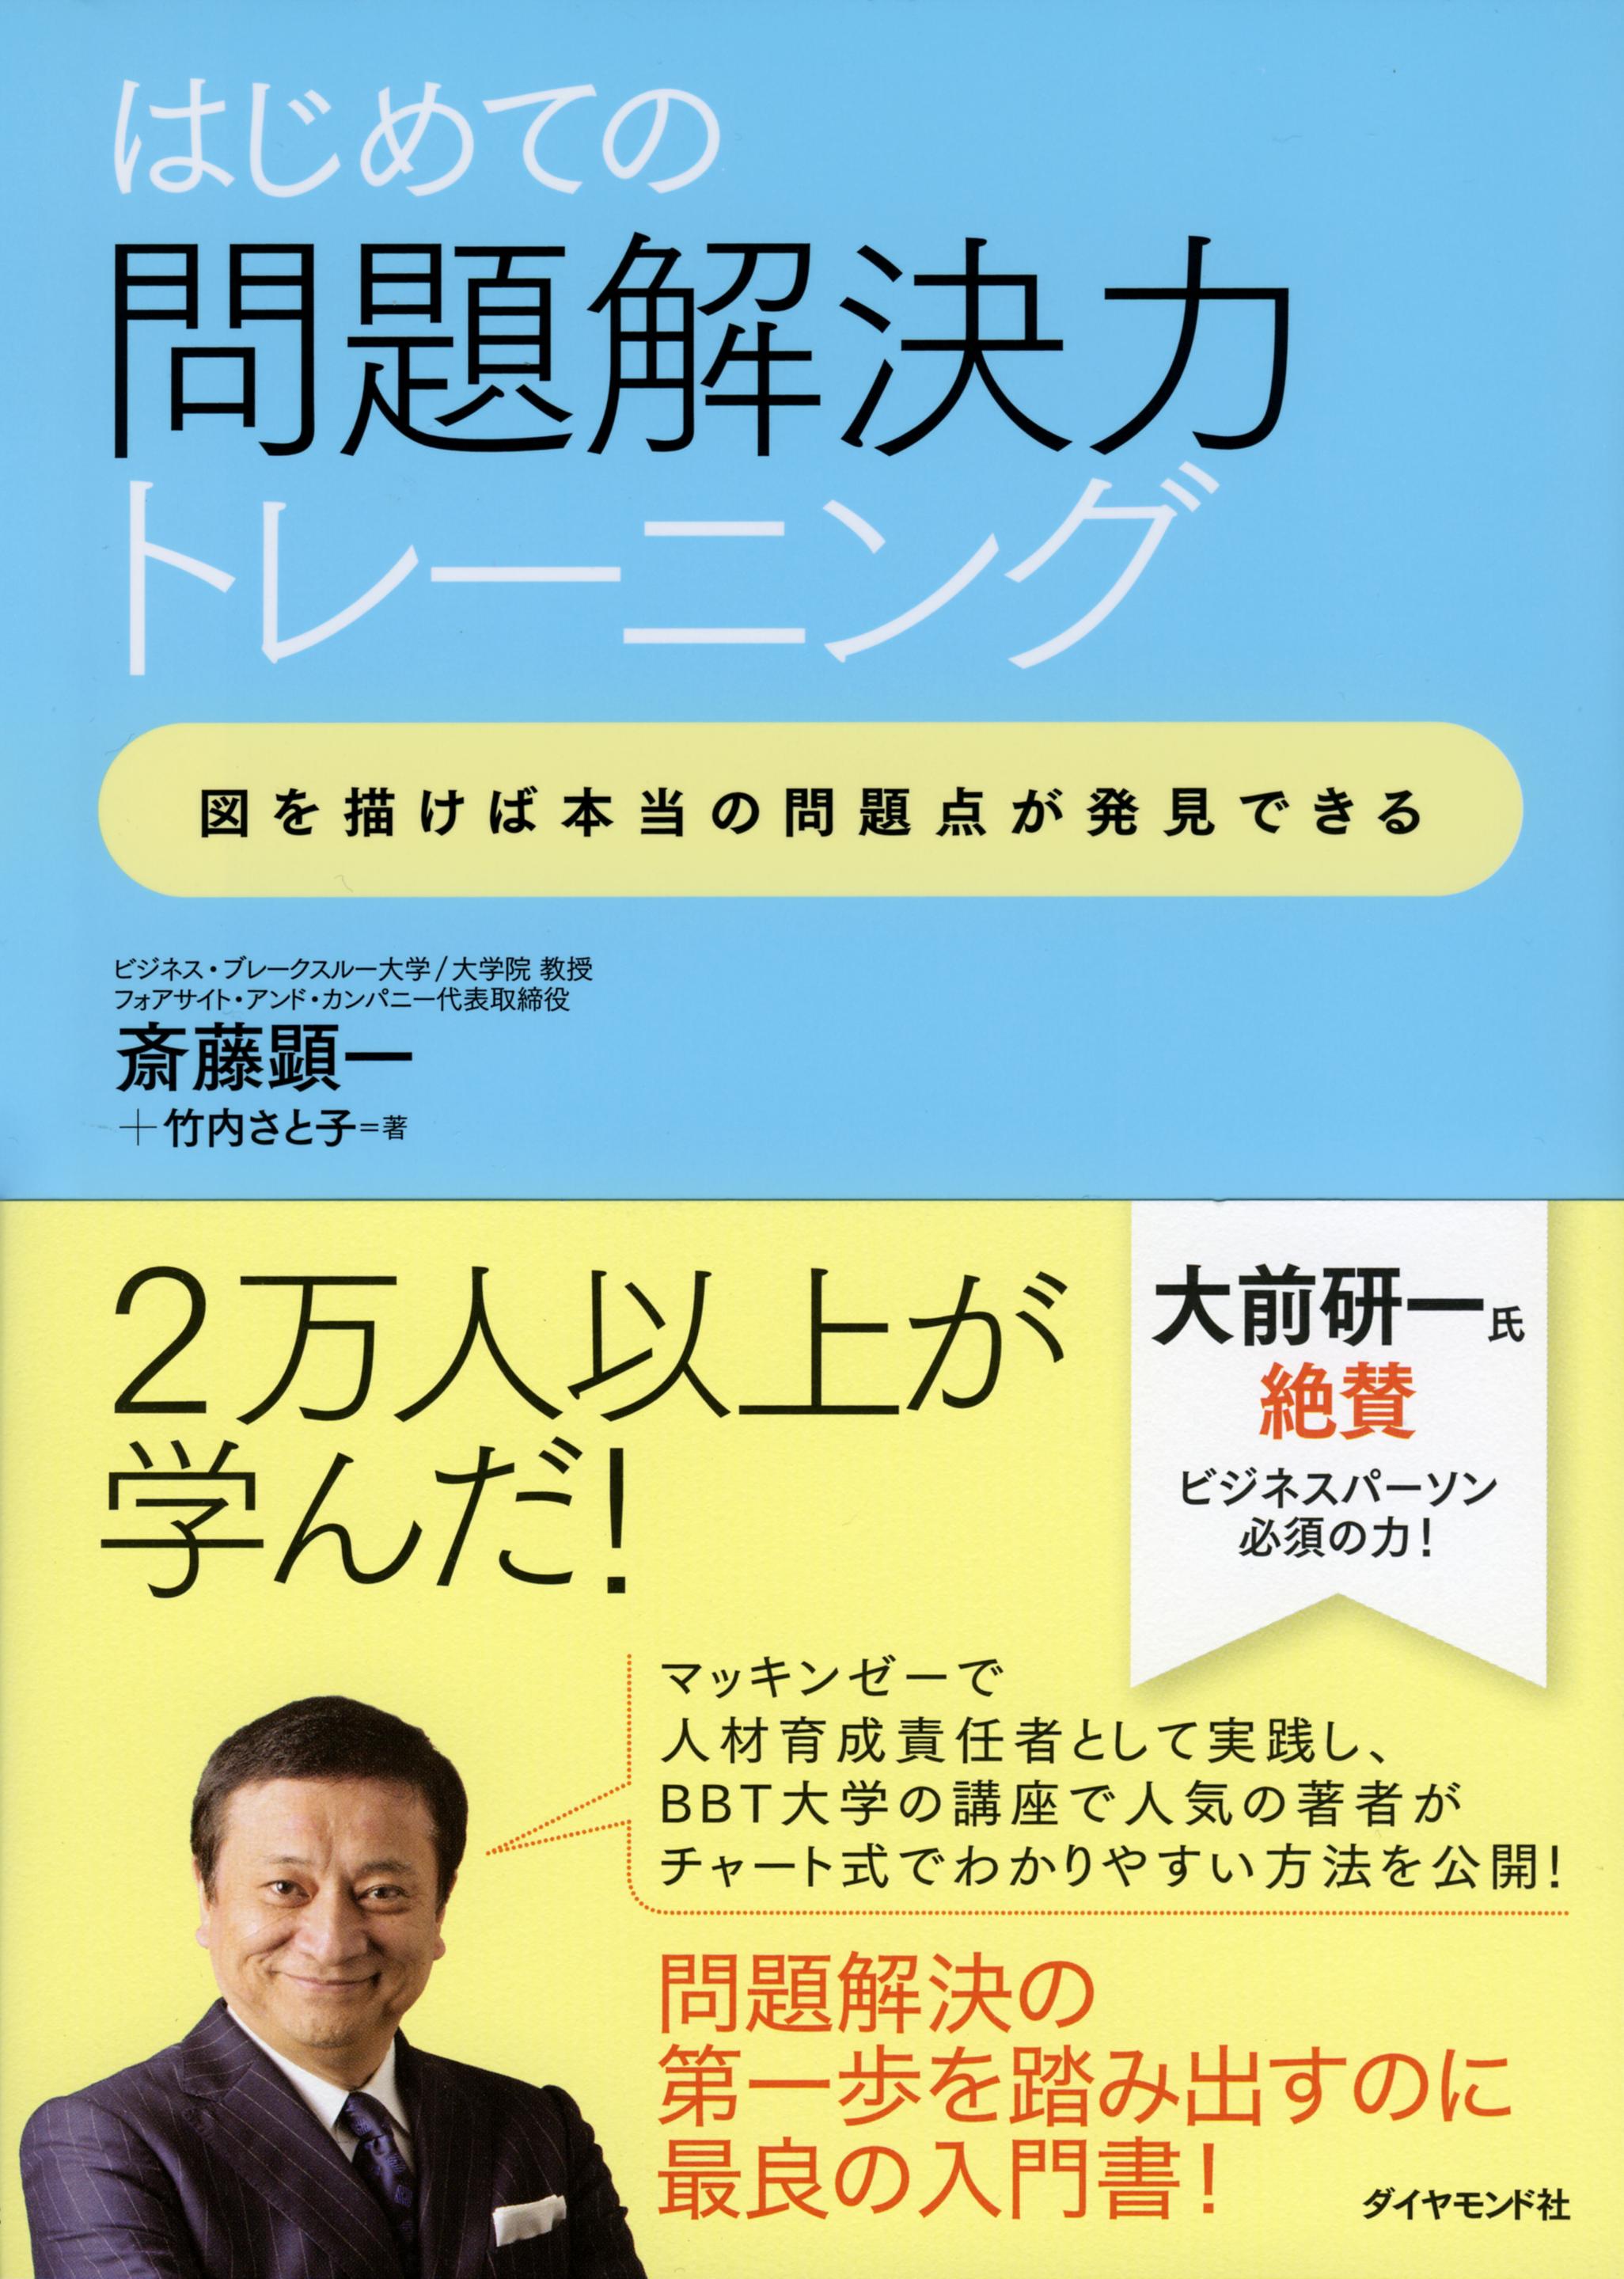 はじめての問題解決力トレーニング.png